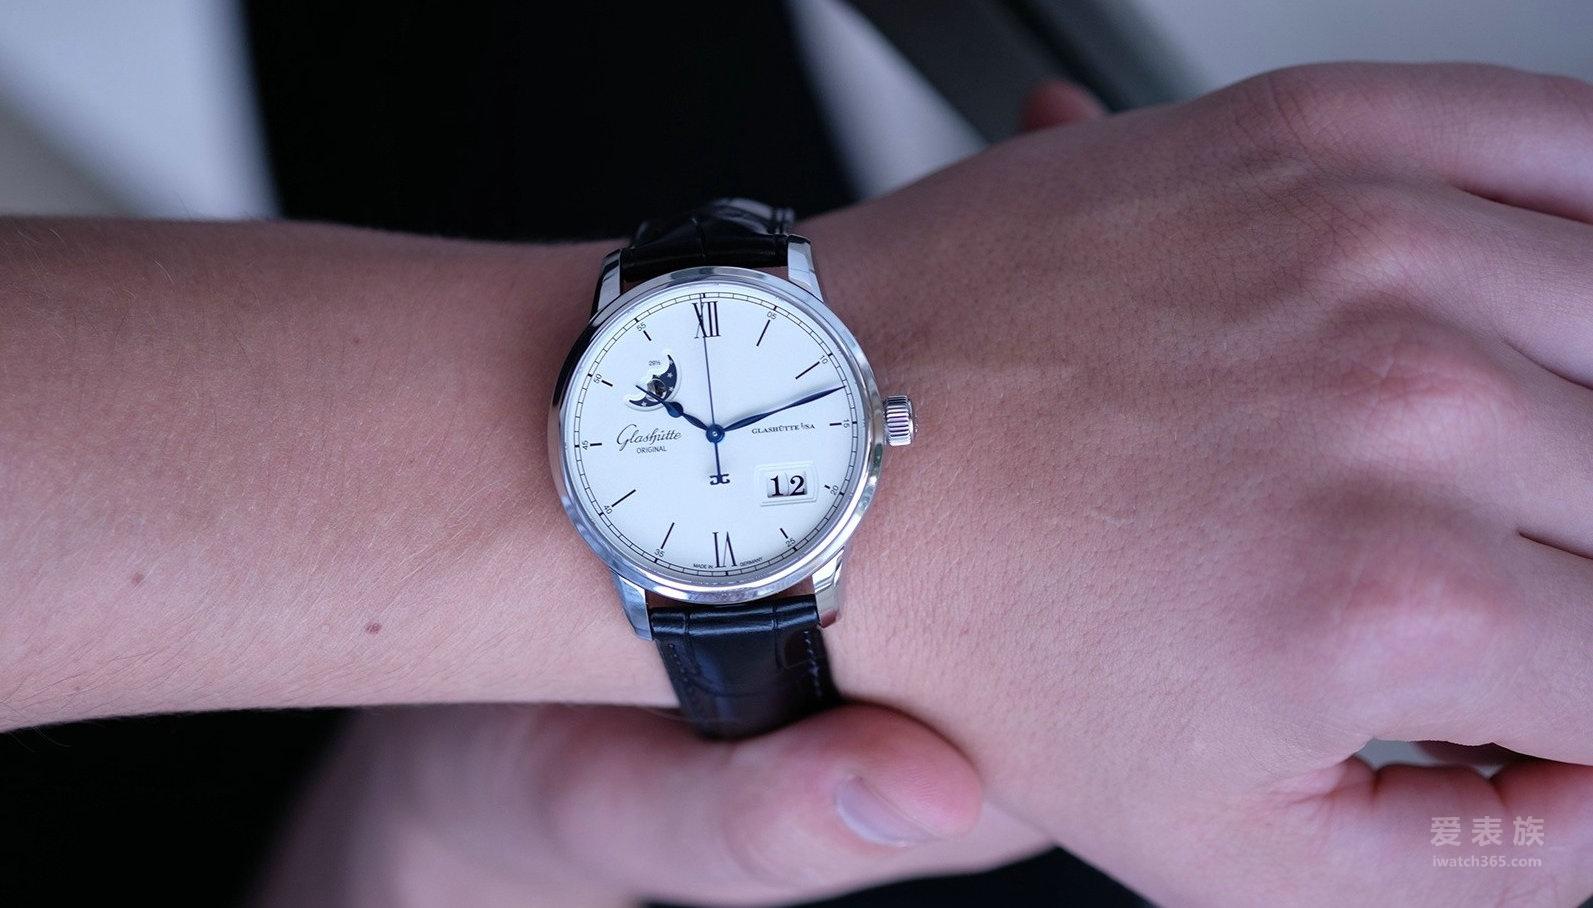 为卓越而生——格拉苏蒂参议员卓越系列大日历&月相腕表